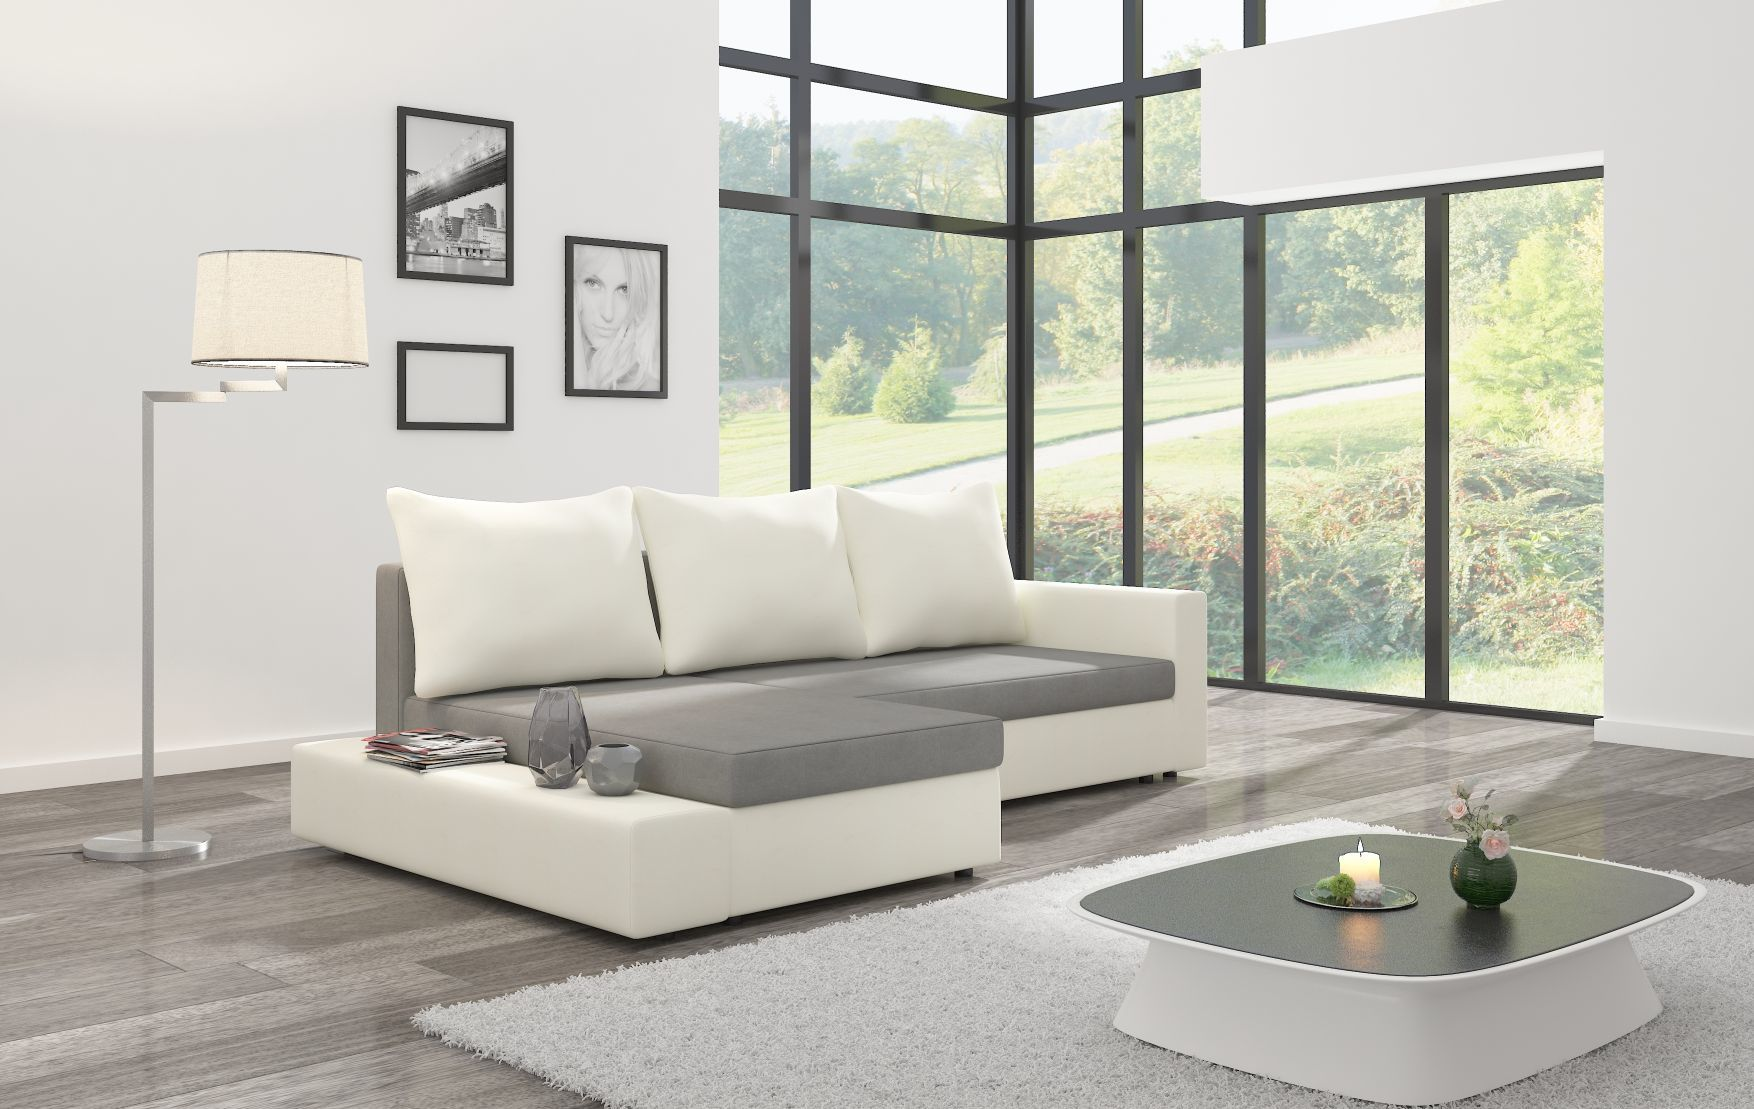 Narożnik CARLO ST włoski design nowoczesny salon